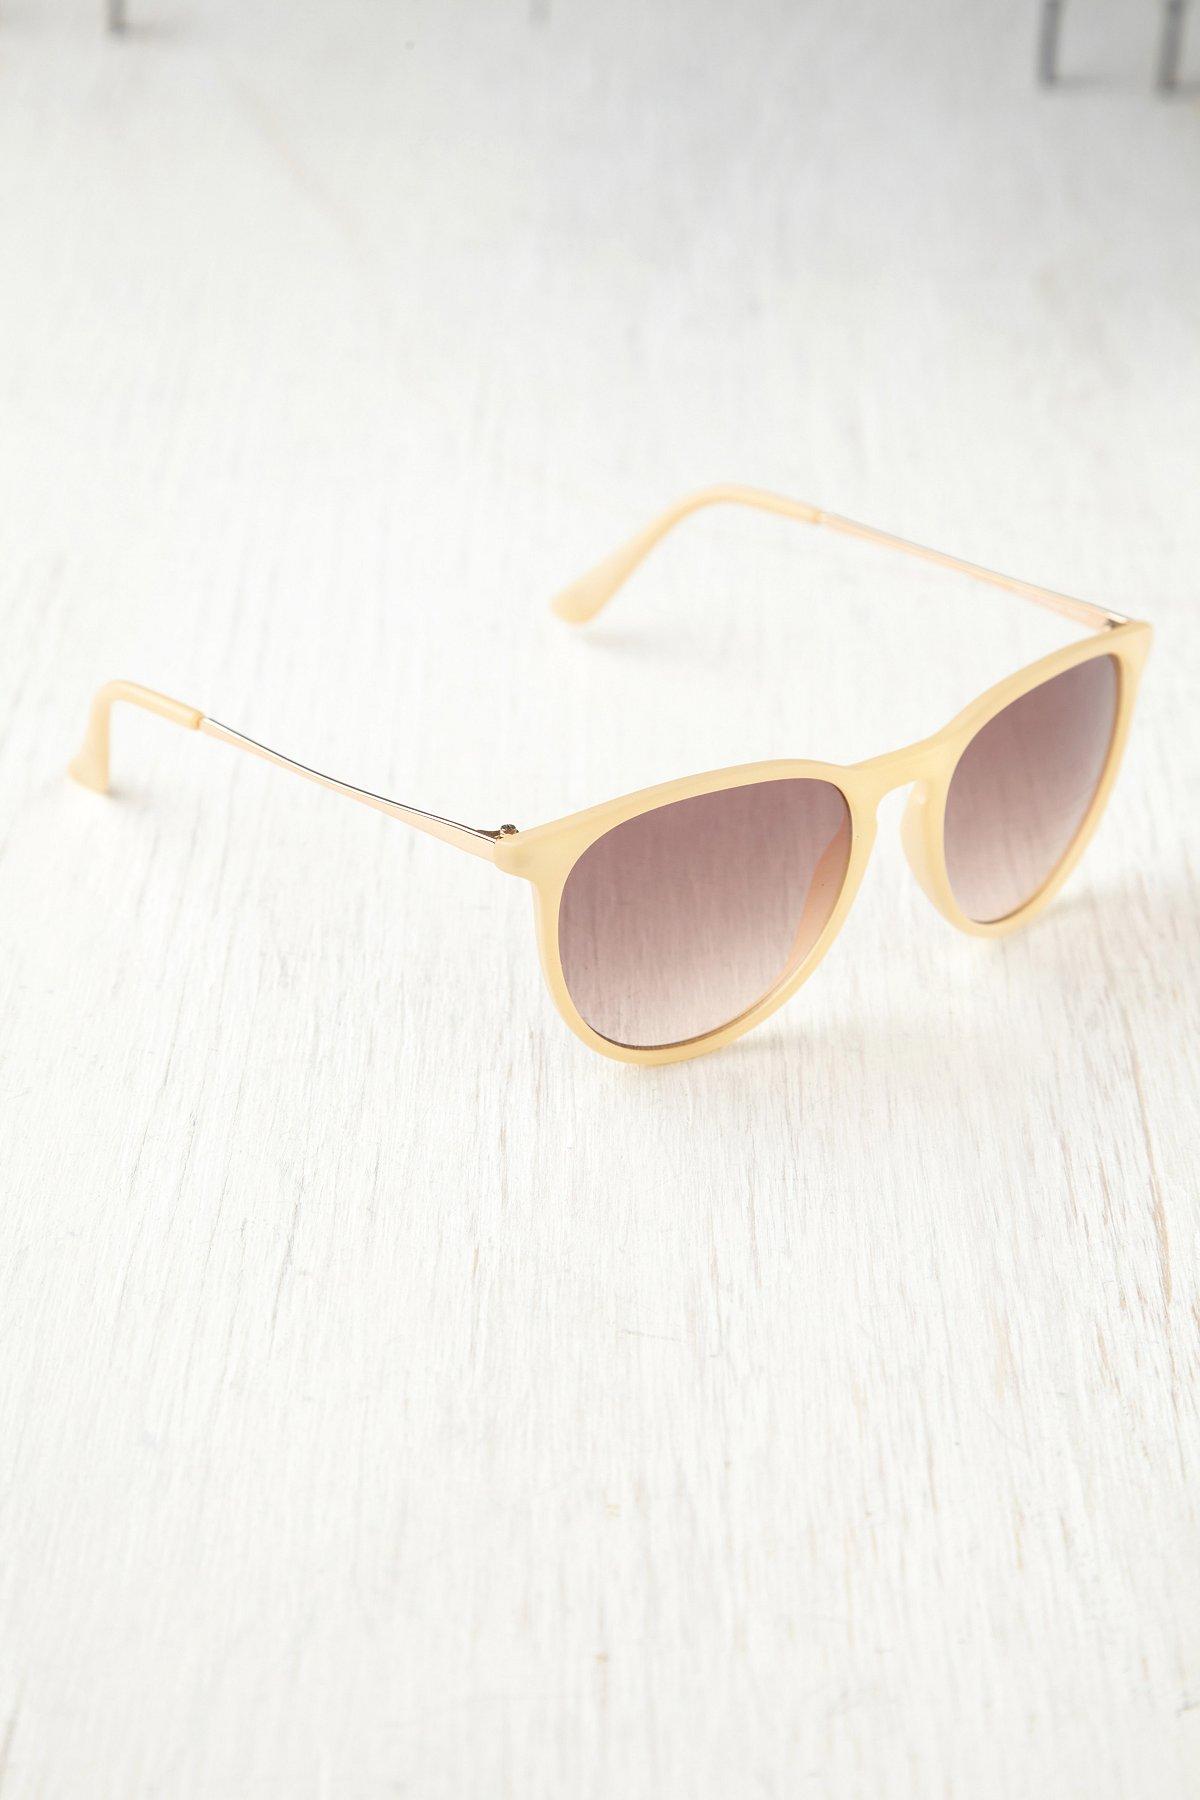 Harvard Yard Sunglasses